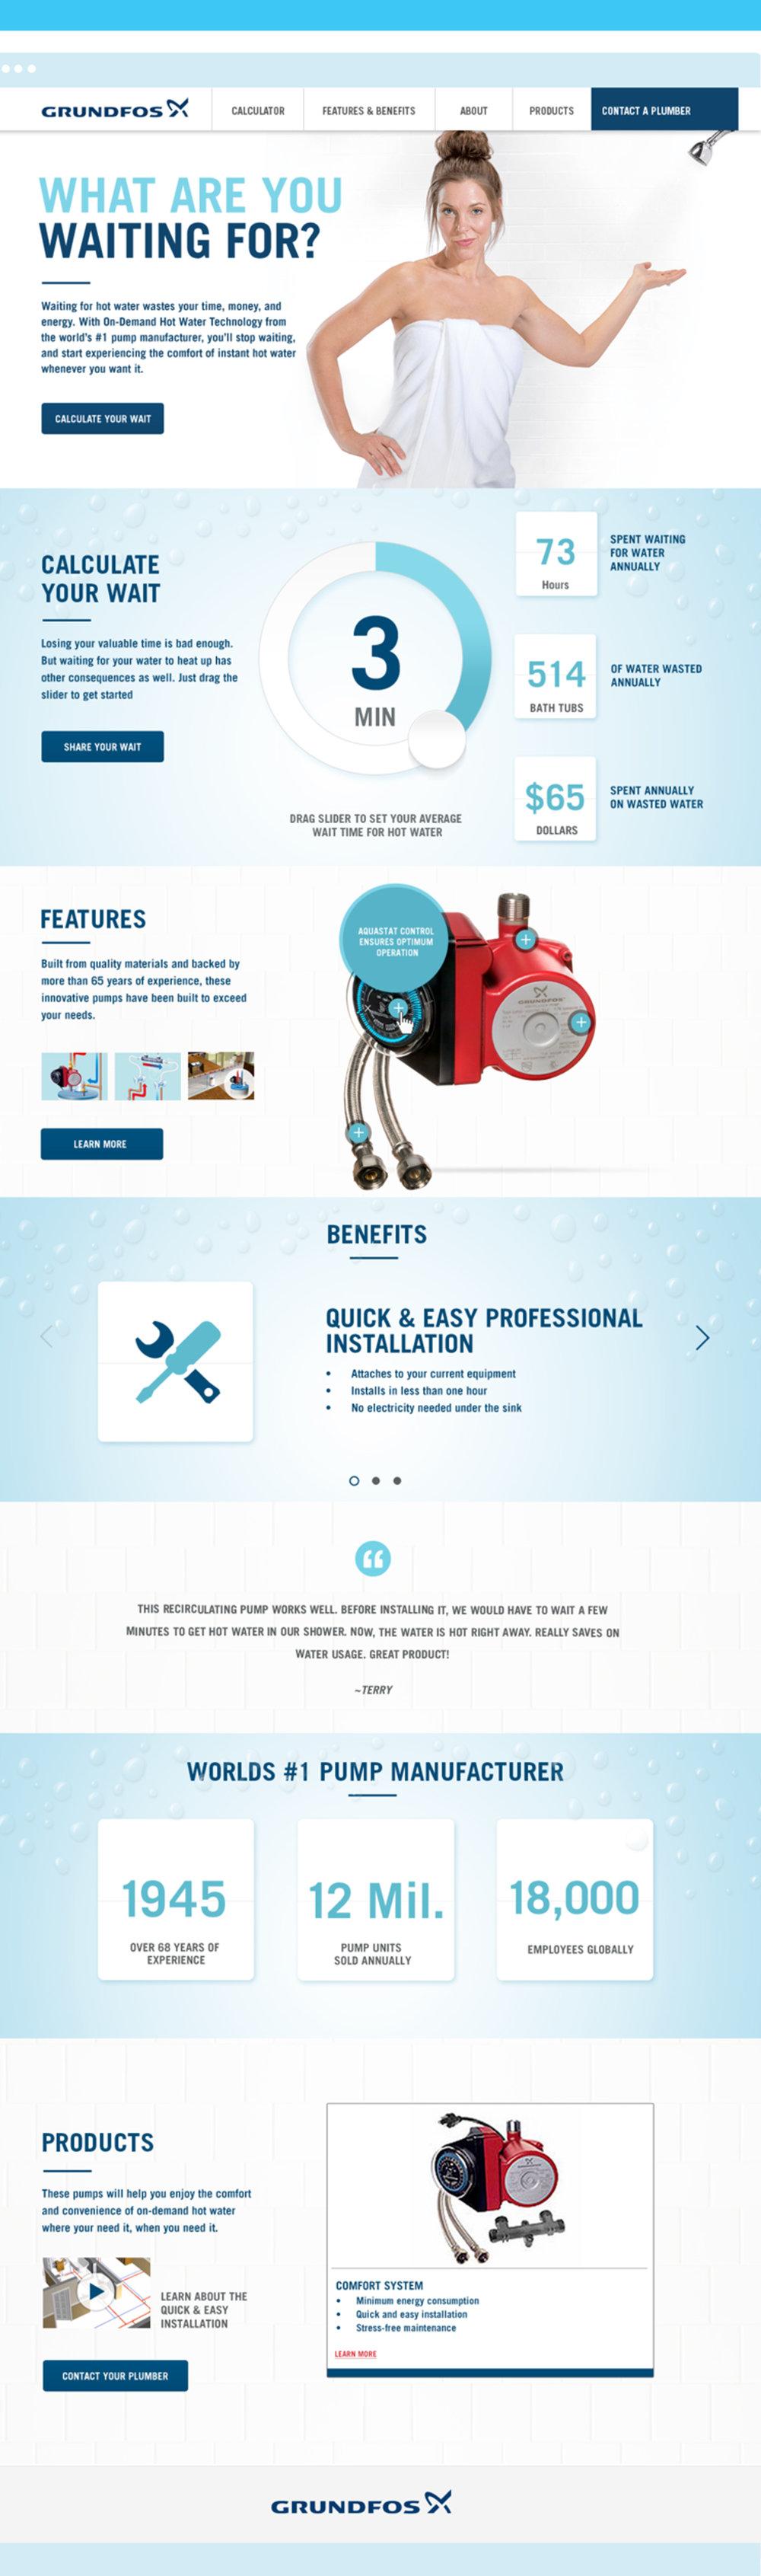 grundfos site.jpg